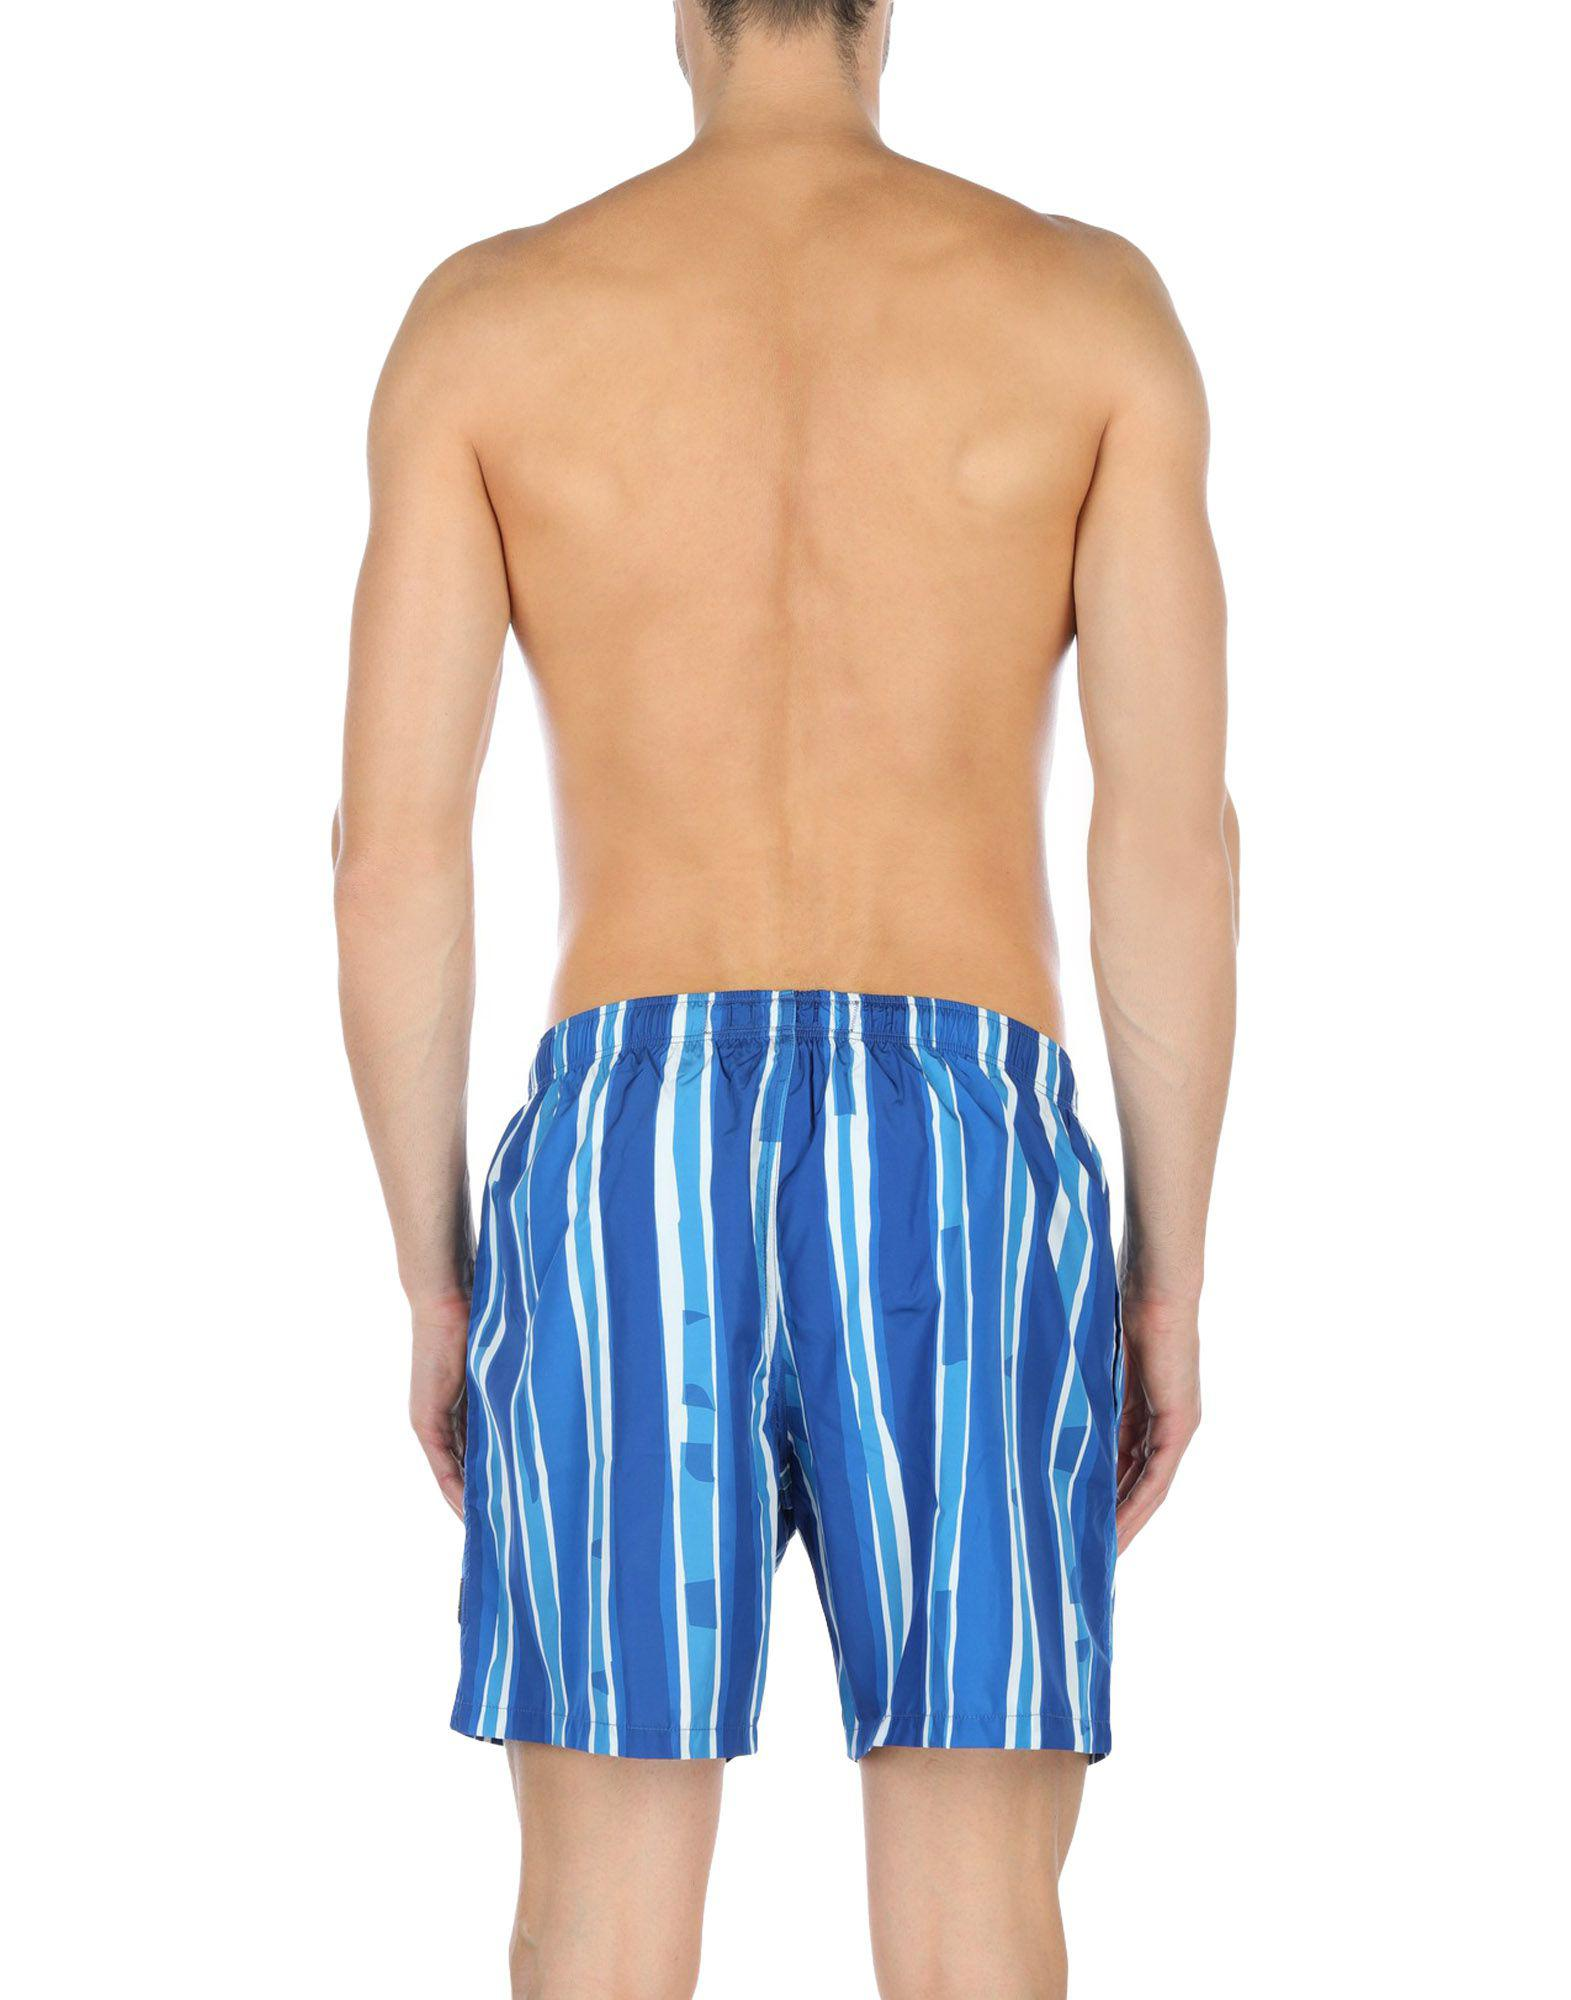 d10bad26c3 Lyst - Ermenegildo Zegna Swim Trunks in Blue for Men